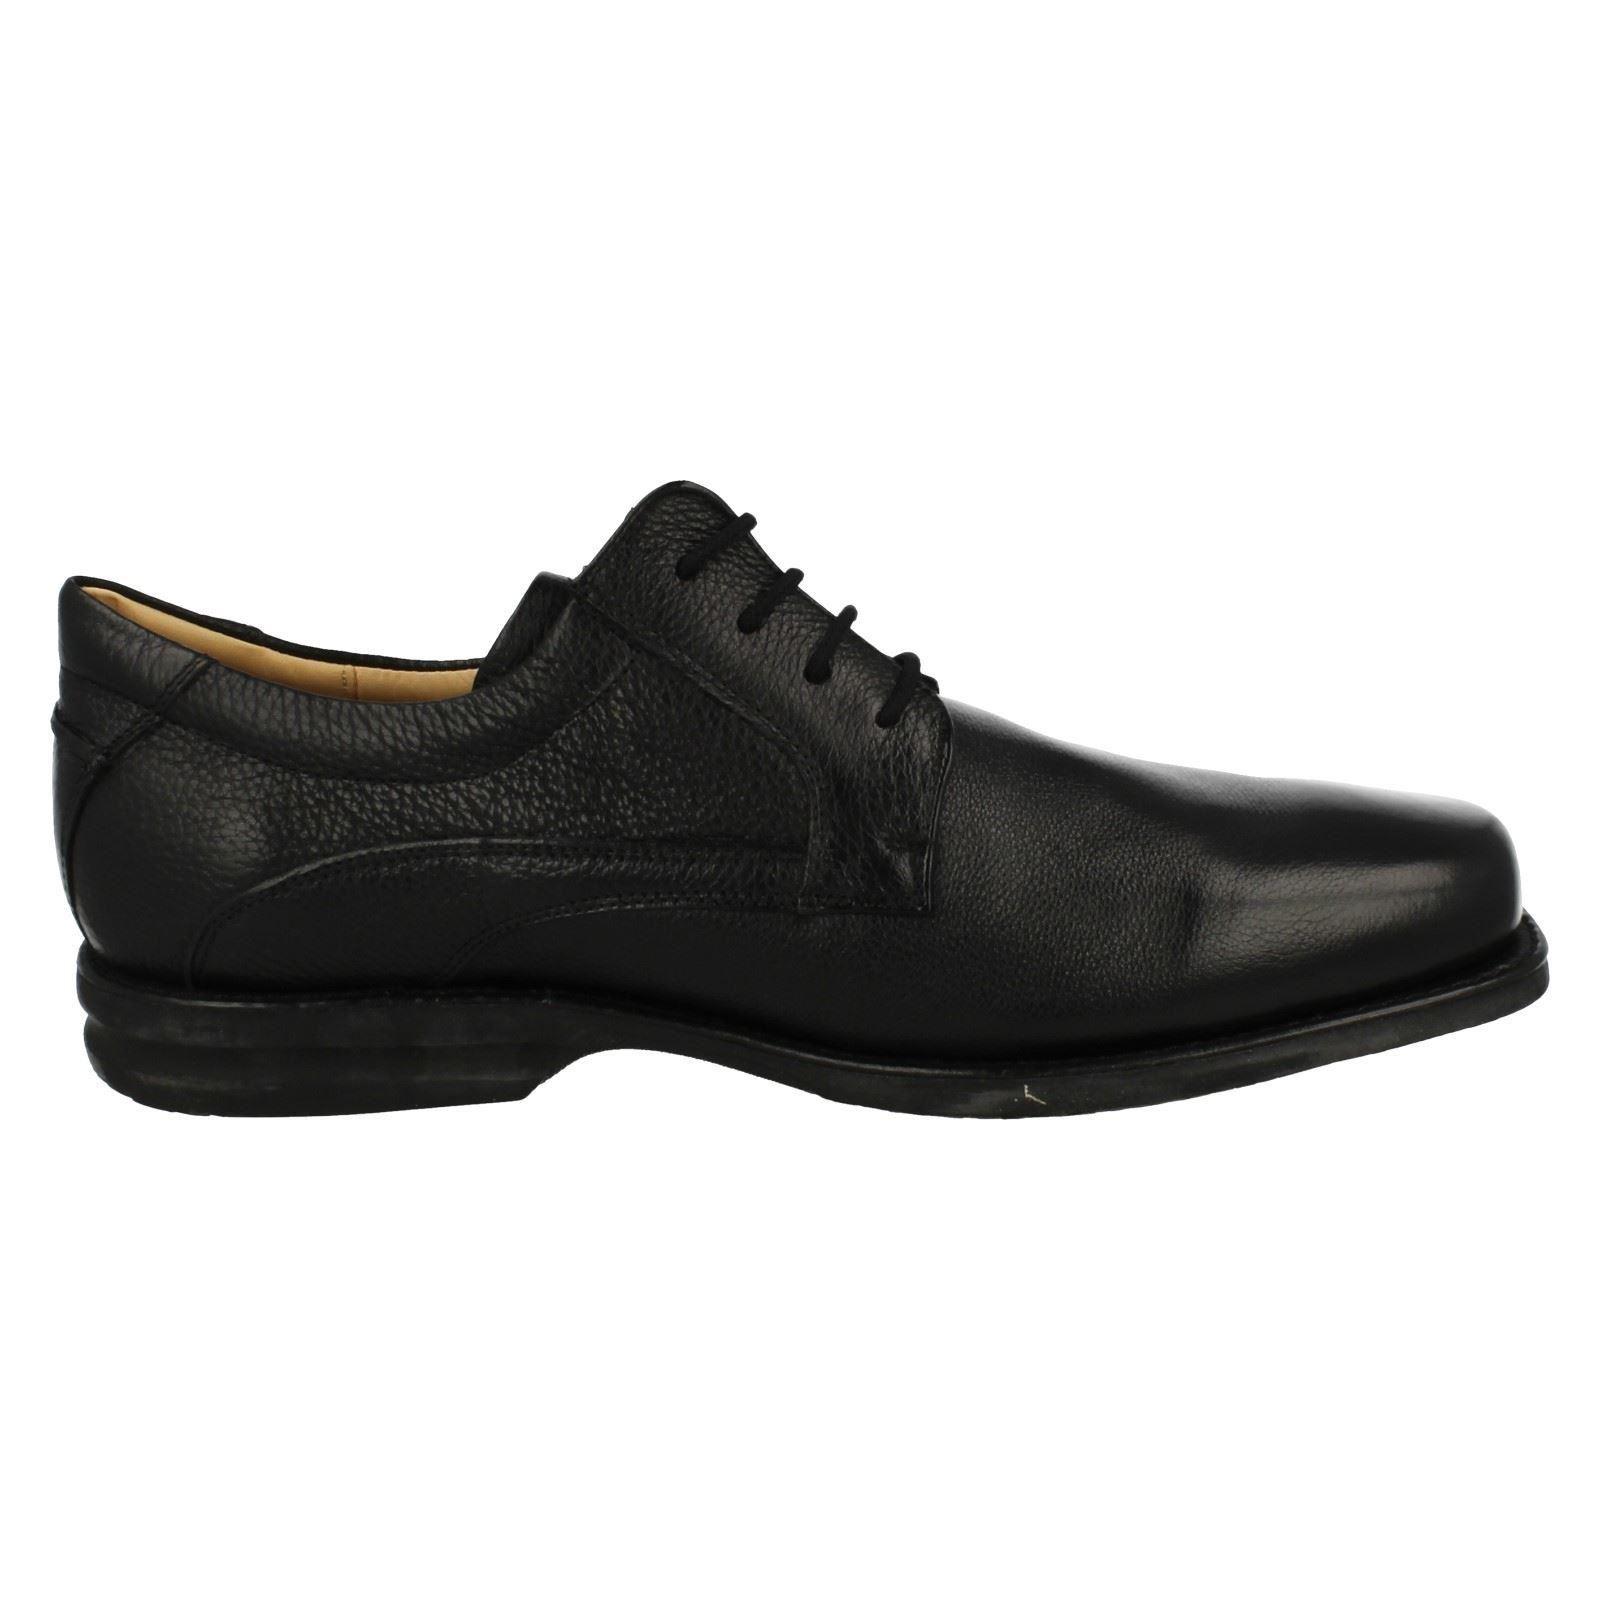 Leder Herren Anatomic Grained Leder  Formal Schuhes 'Passos' 7c316e